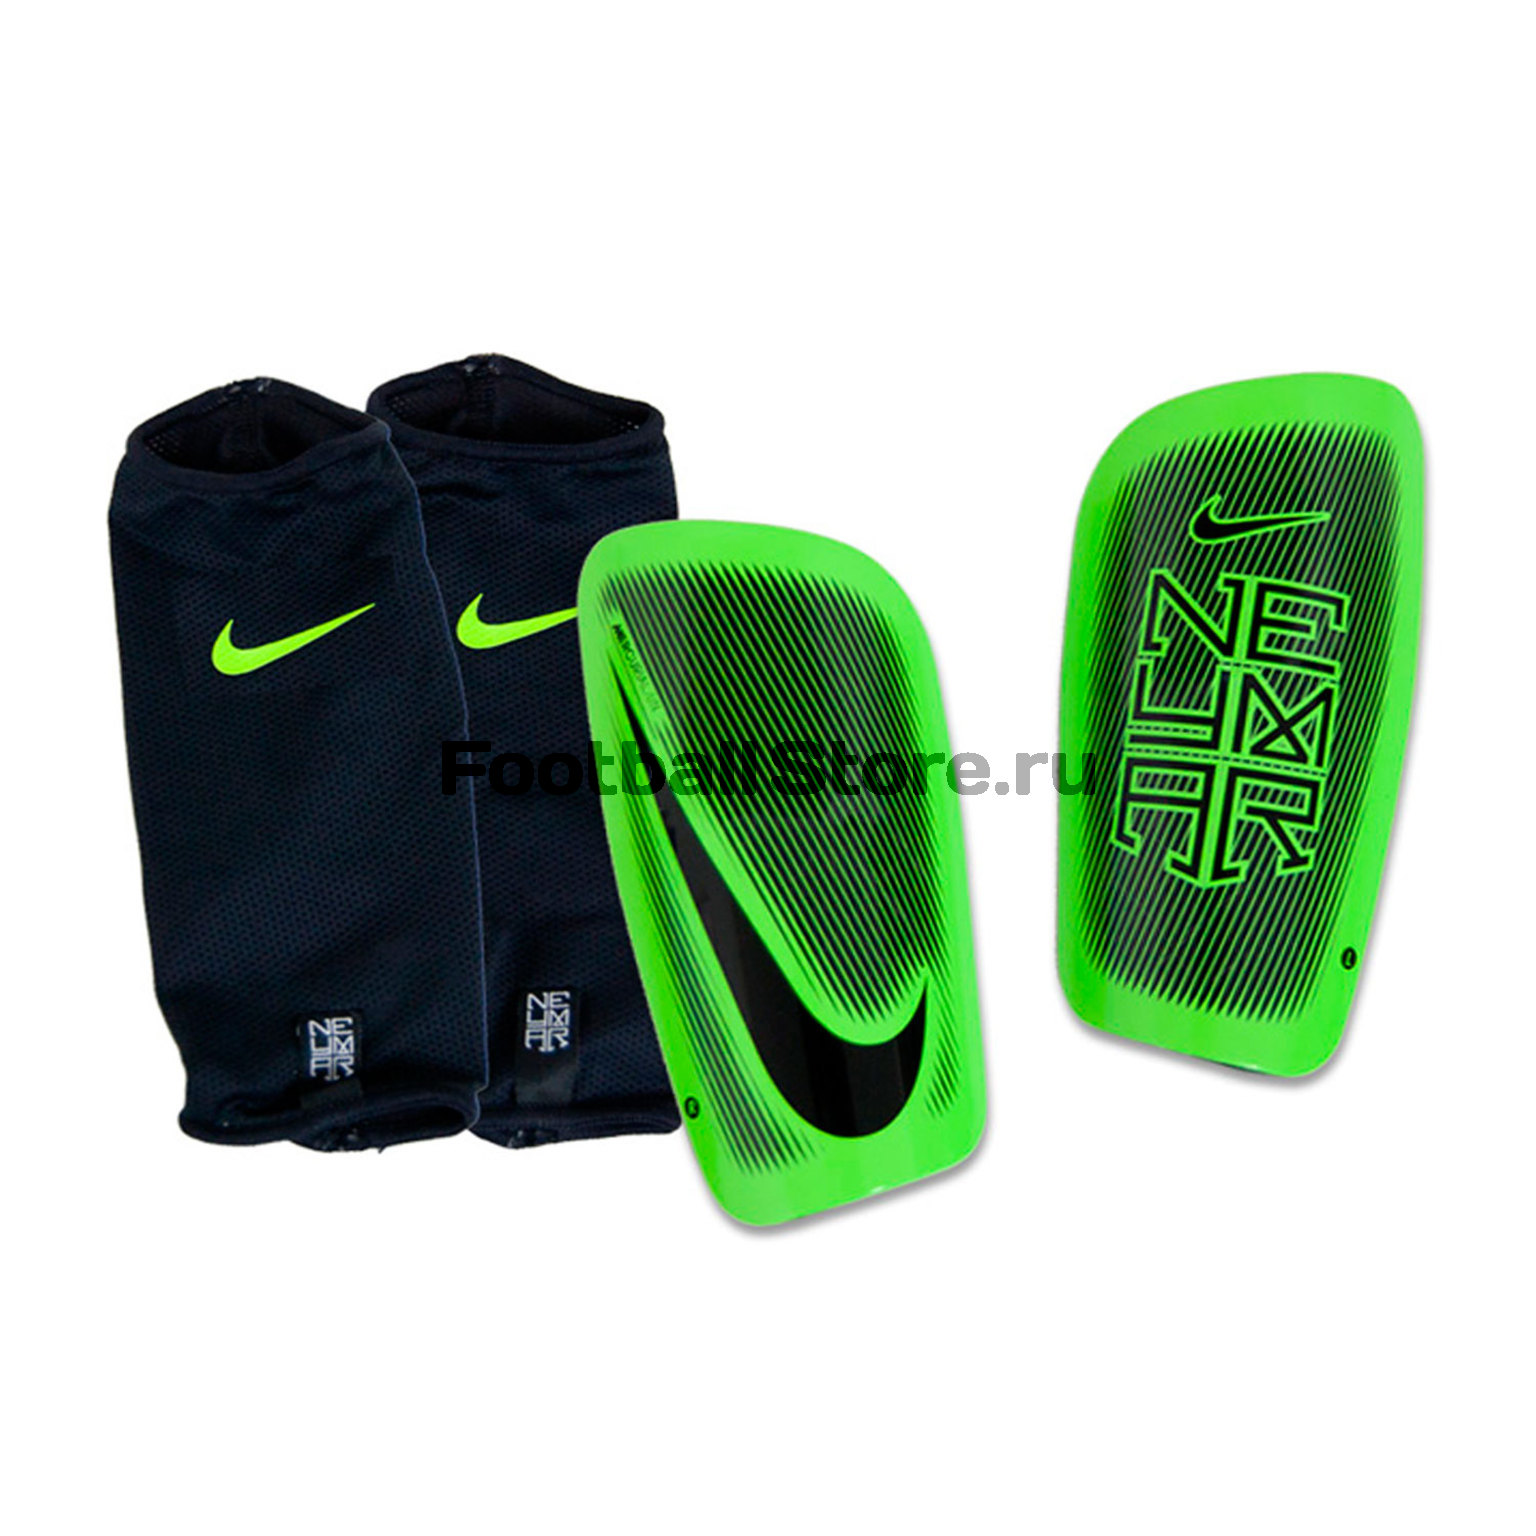 Защита ног Nike Щитки Nike Neymar NK Merc LT GRD SP2104-010 защита nike защита nk hyprstrng mtch ankl slv